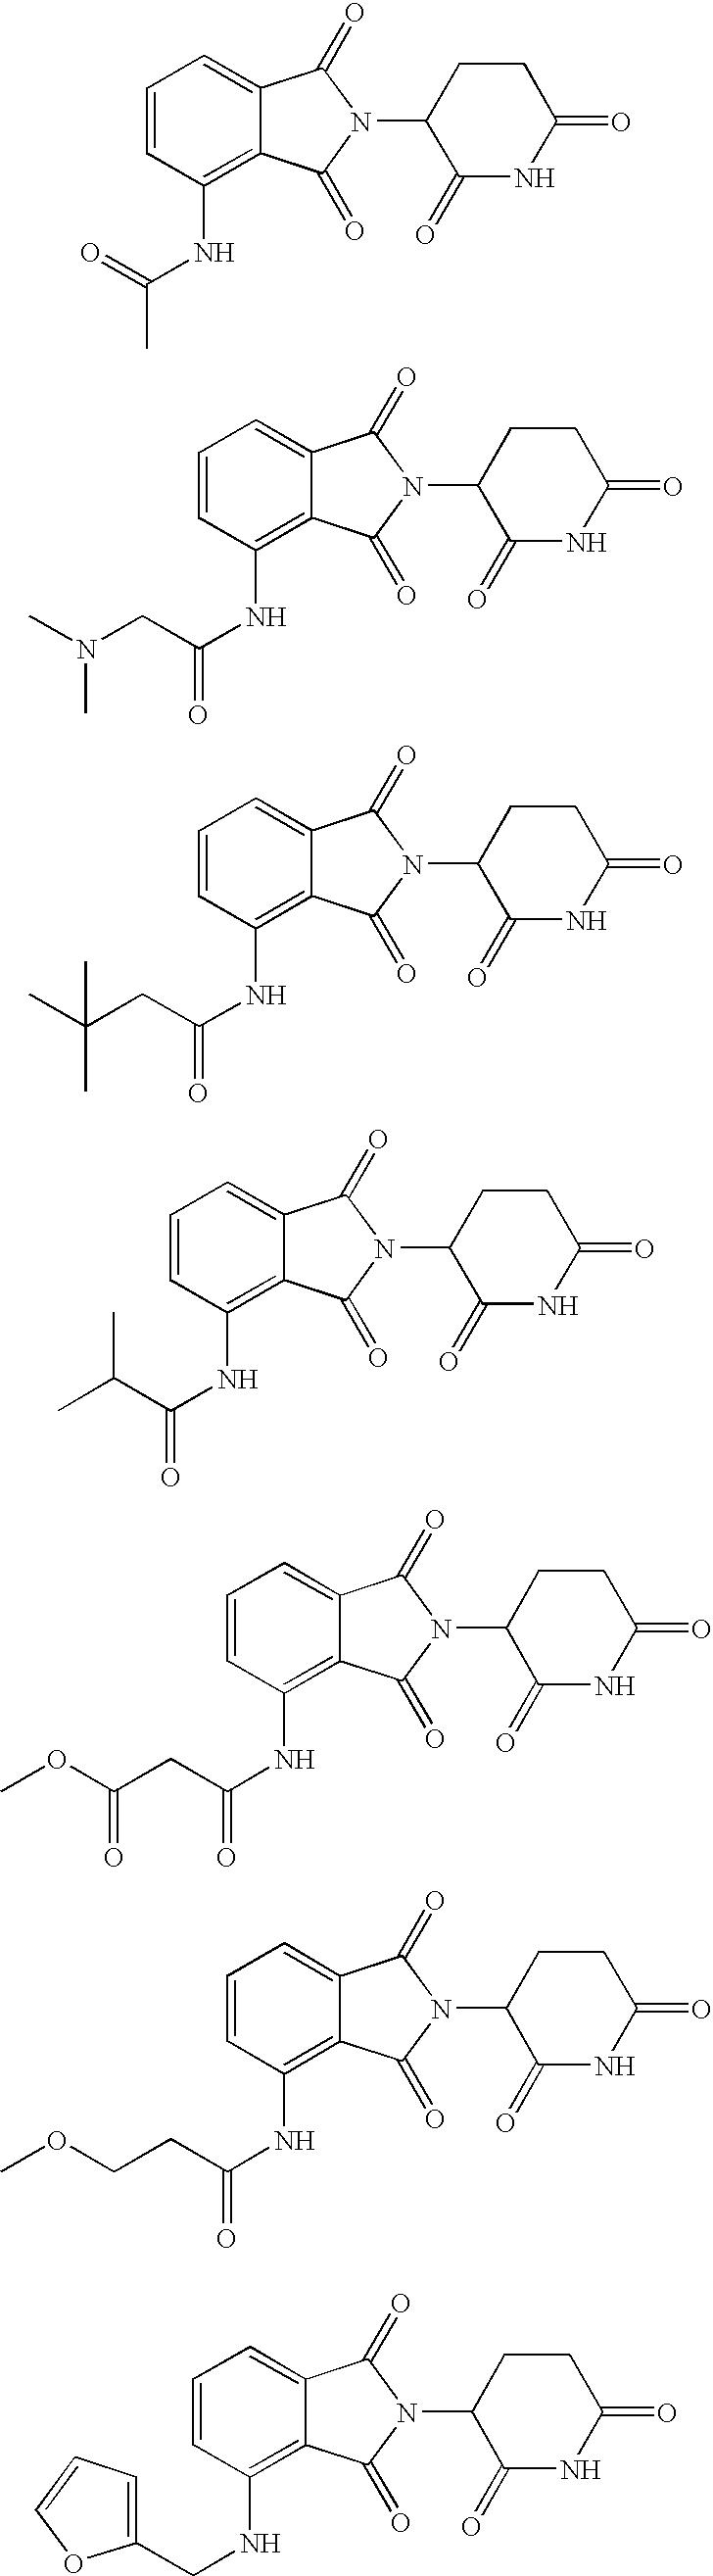 Figure US07576104-20090818-C00349